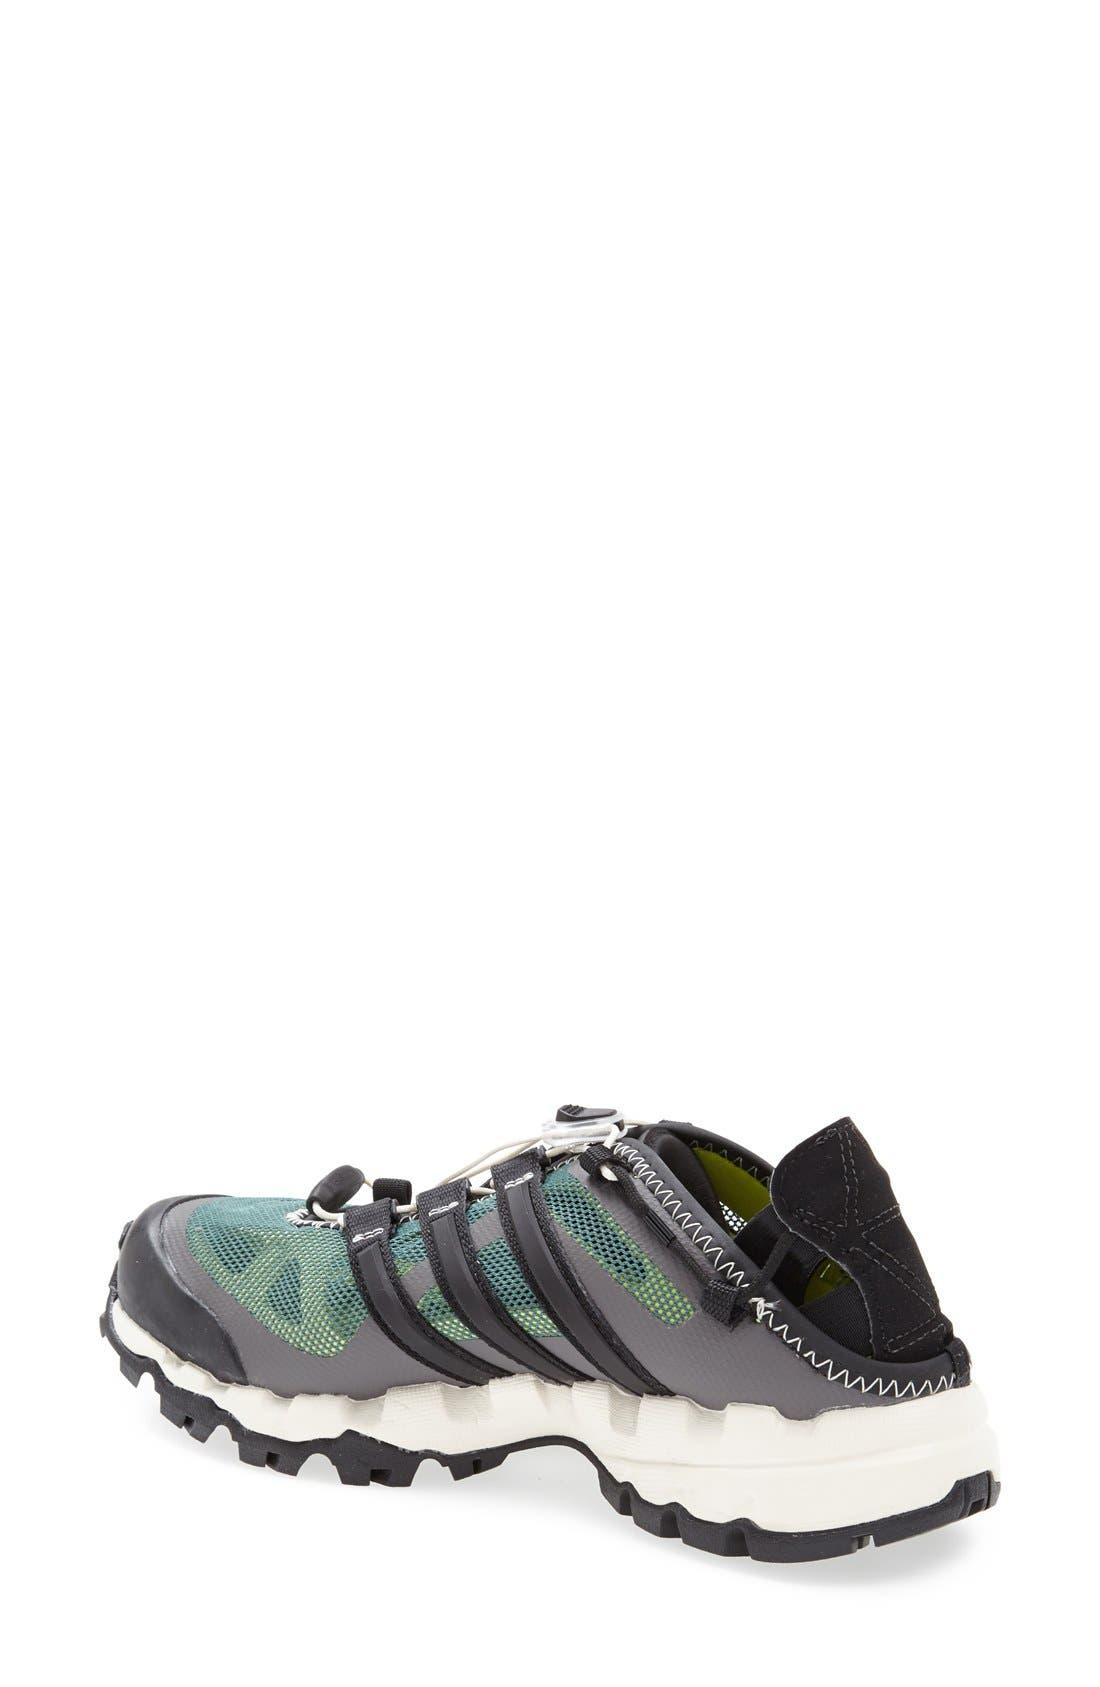 Alternate Image 2  - adidas 'Hydroterra' Walking Shoe (Women)